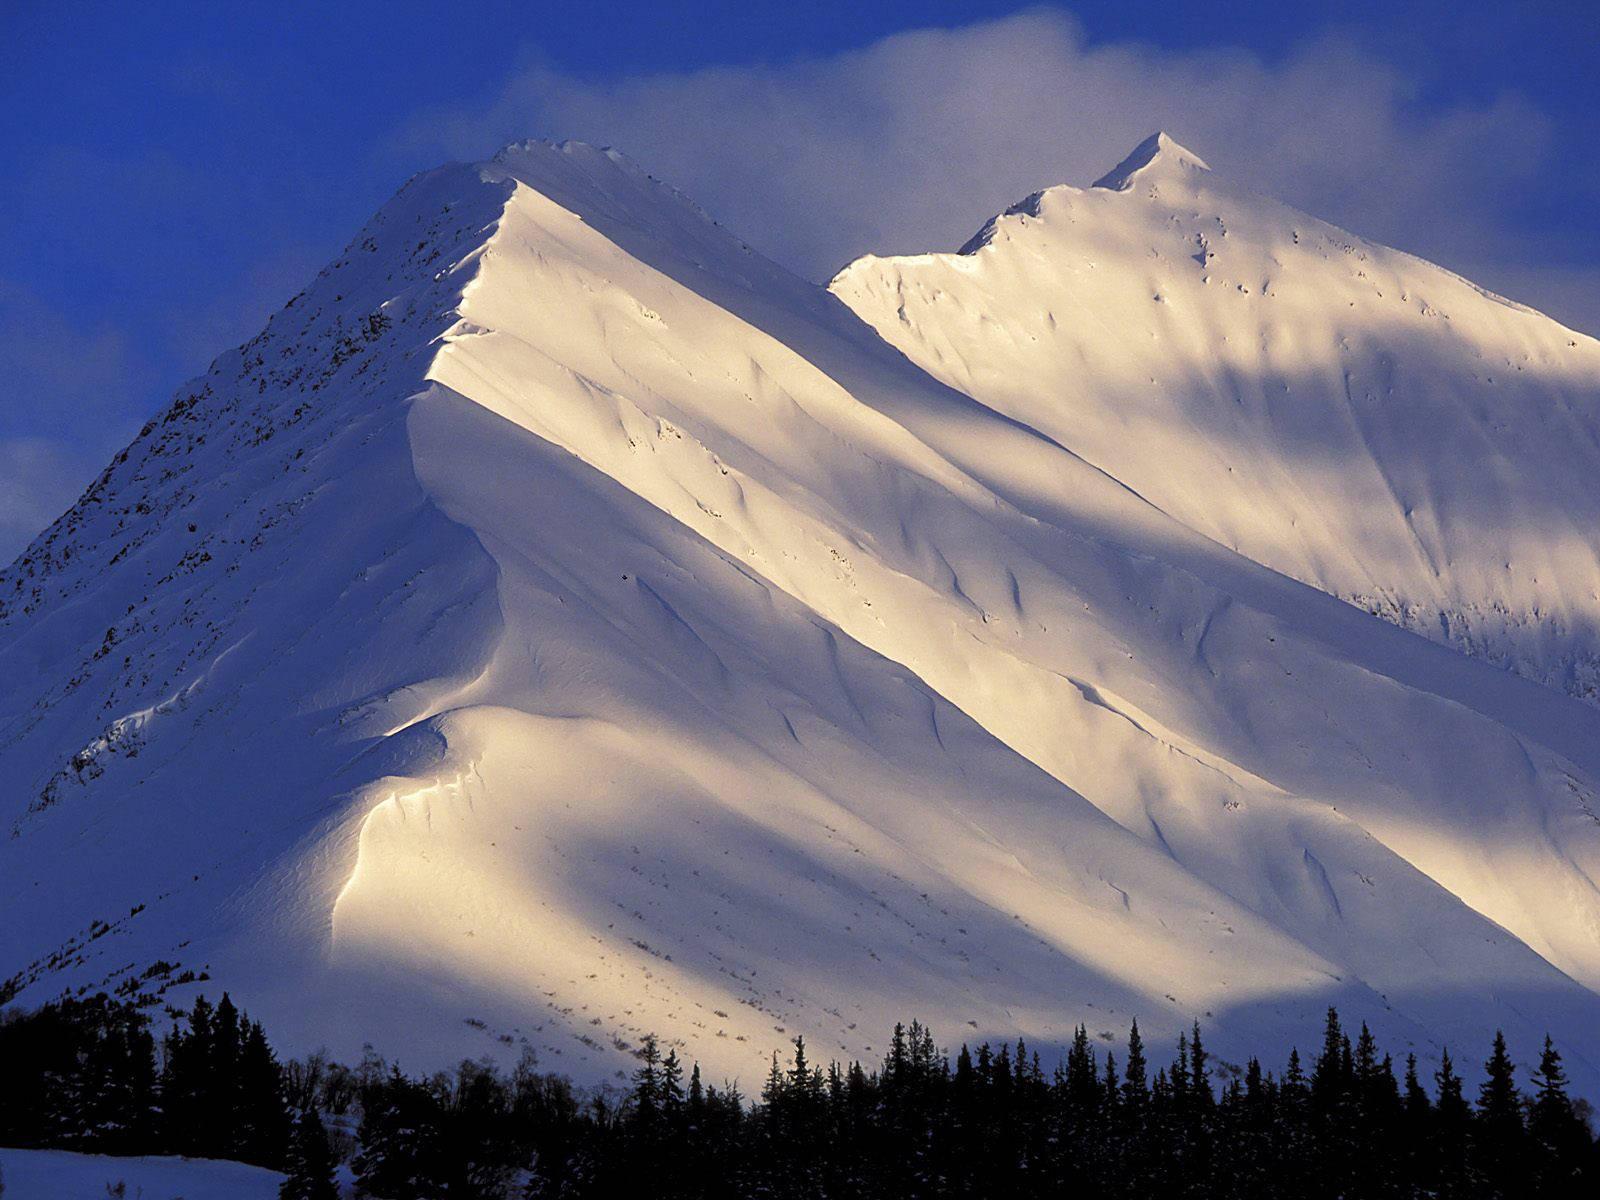 Snow Summit Mountain